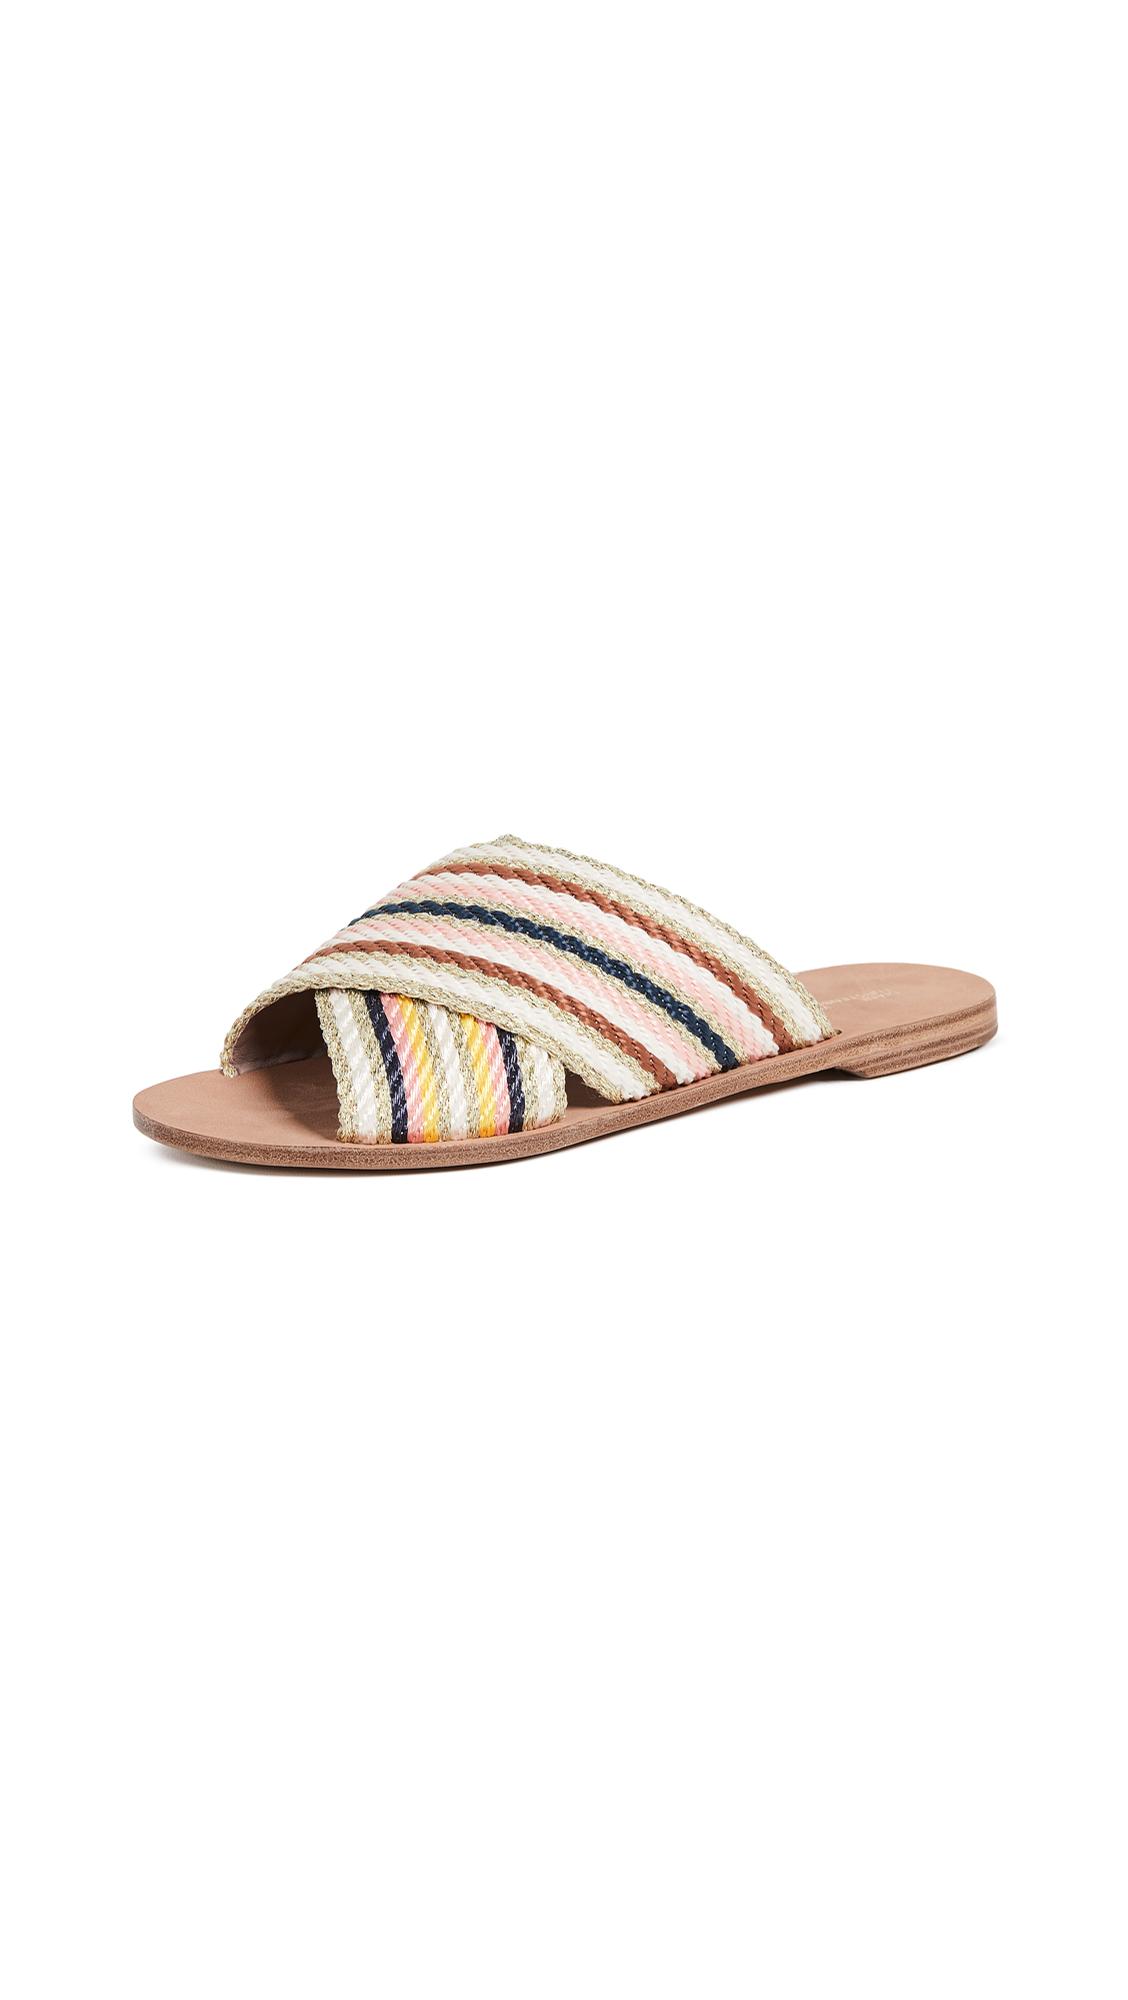 Diane von Furstenberg Cindi Slide Sandals - Ivory Multi